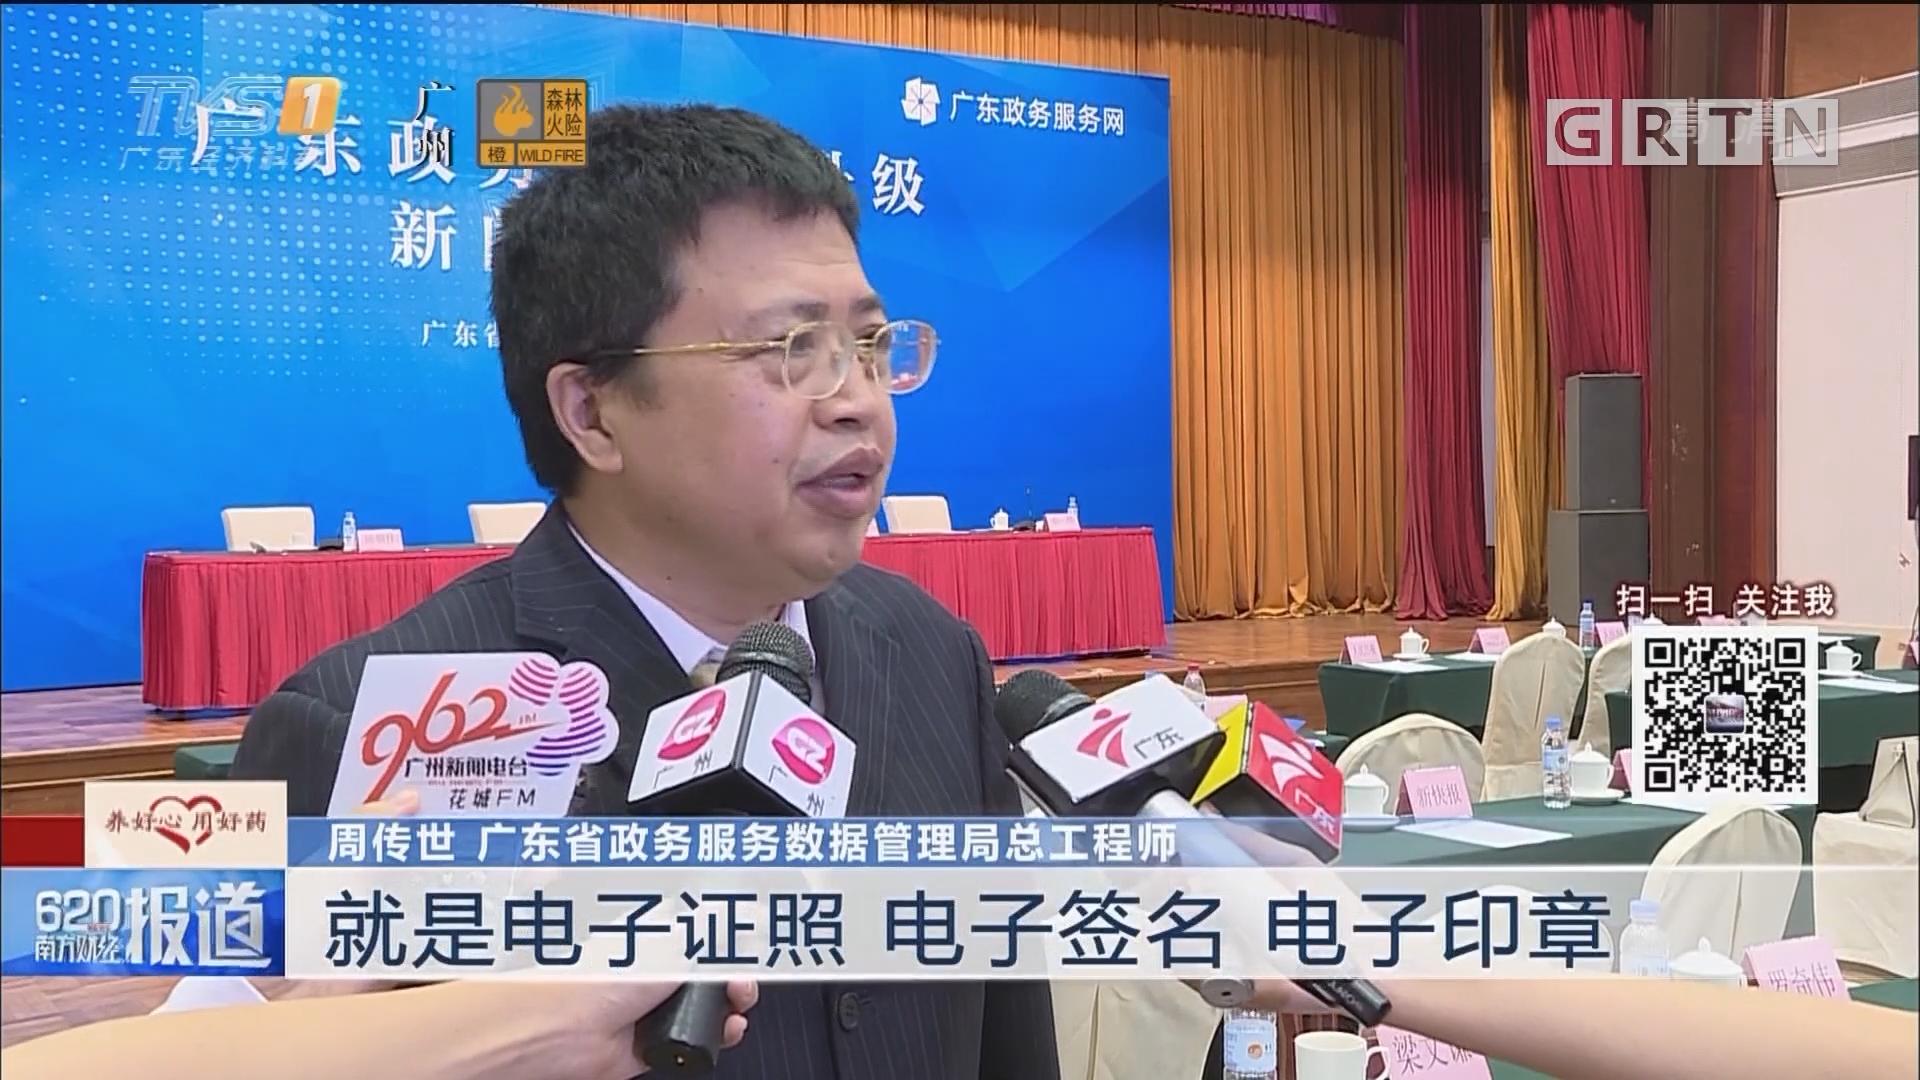 """广东优化升级""""掌上政府"""" 群众跑腿次数已降7成"""